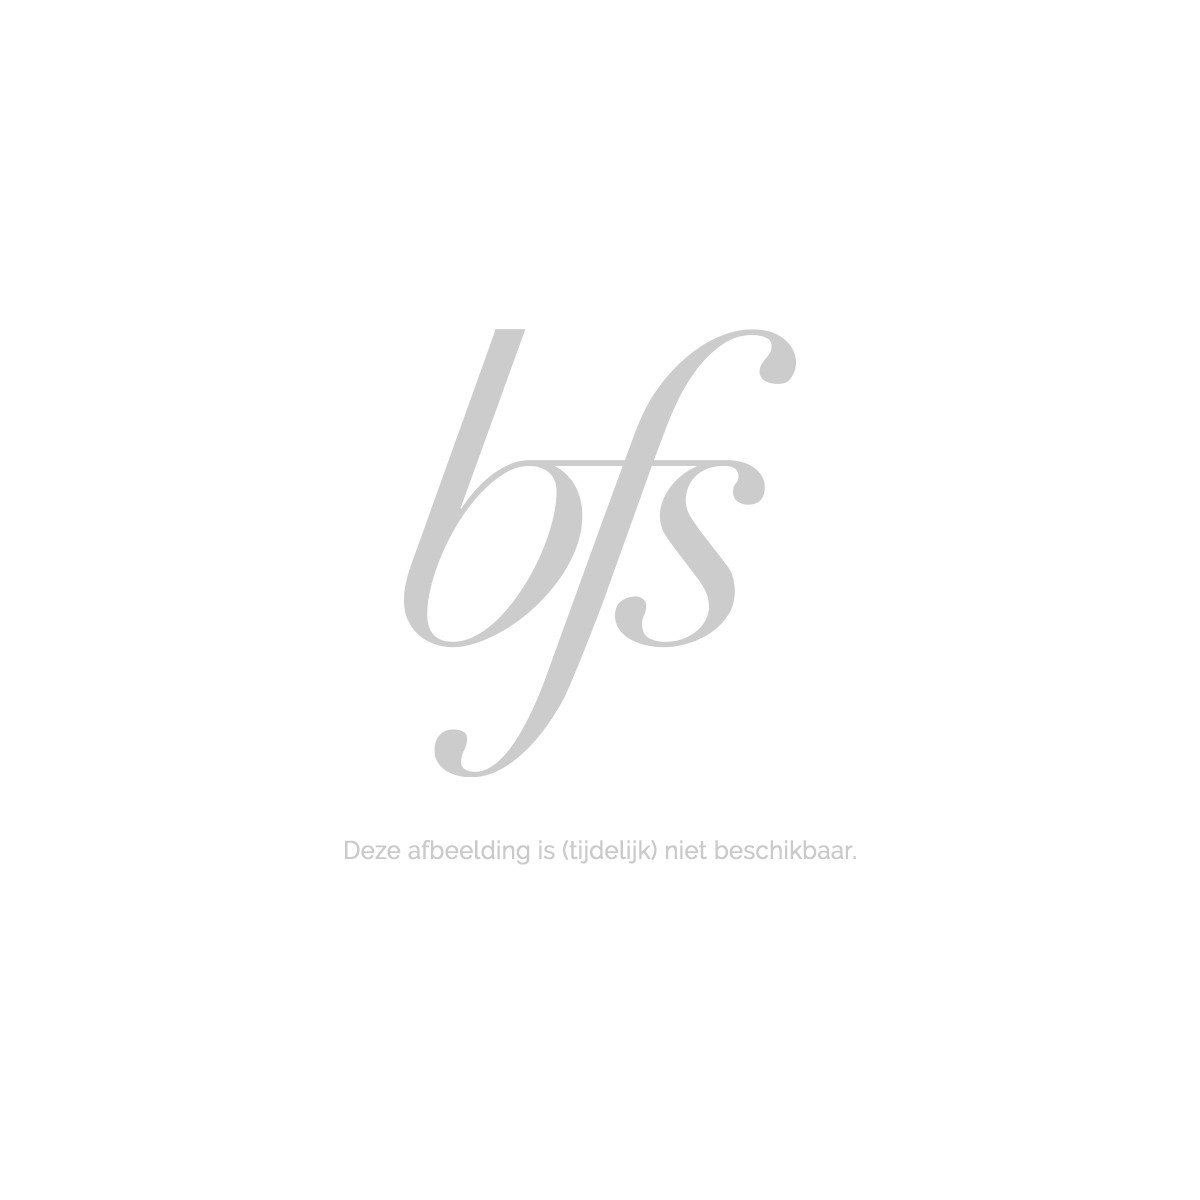 Bourjois Volume Glamour Push Up Mascara 72 Wonder Brown